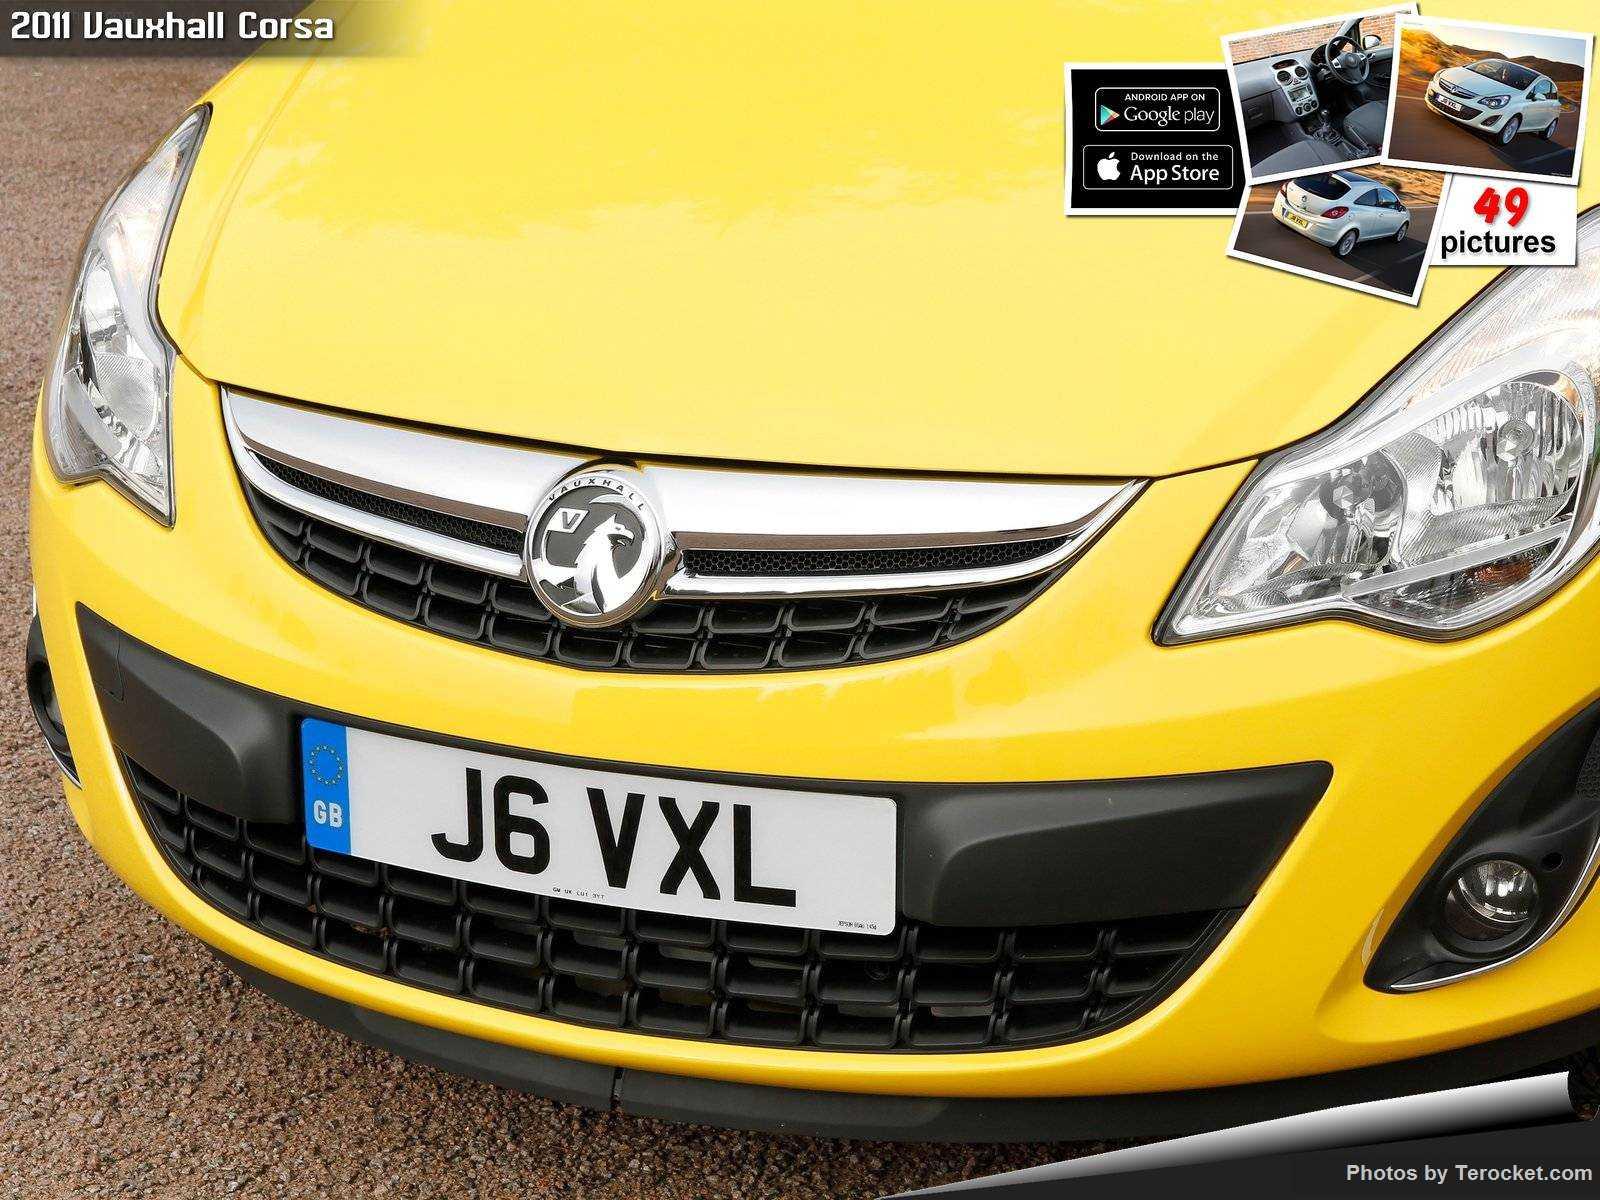 Hình ảnh xe ô tô Vauxhall Corsa 2011 & nội ngoại thất